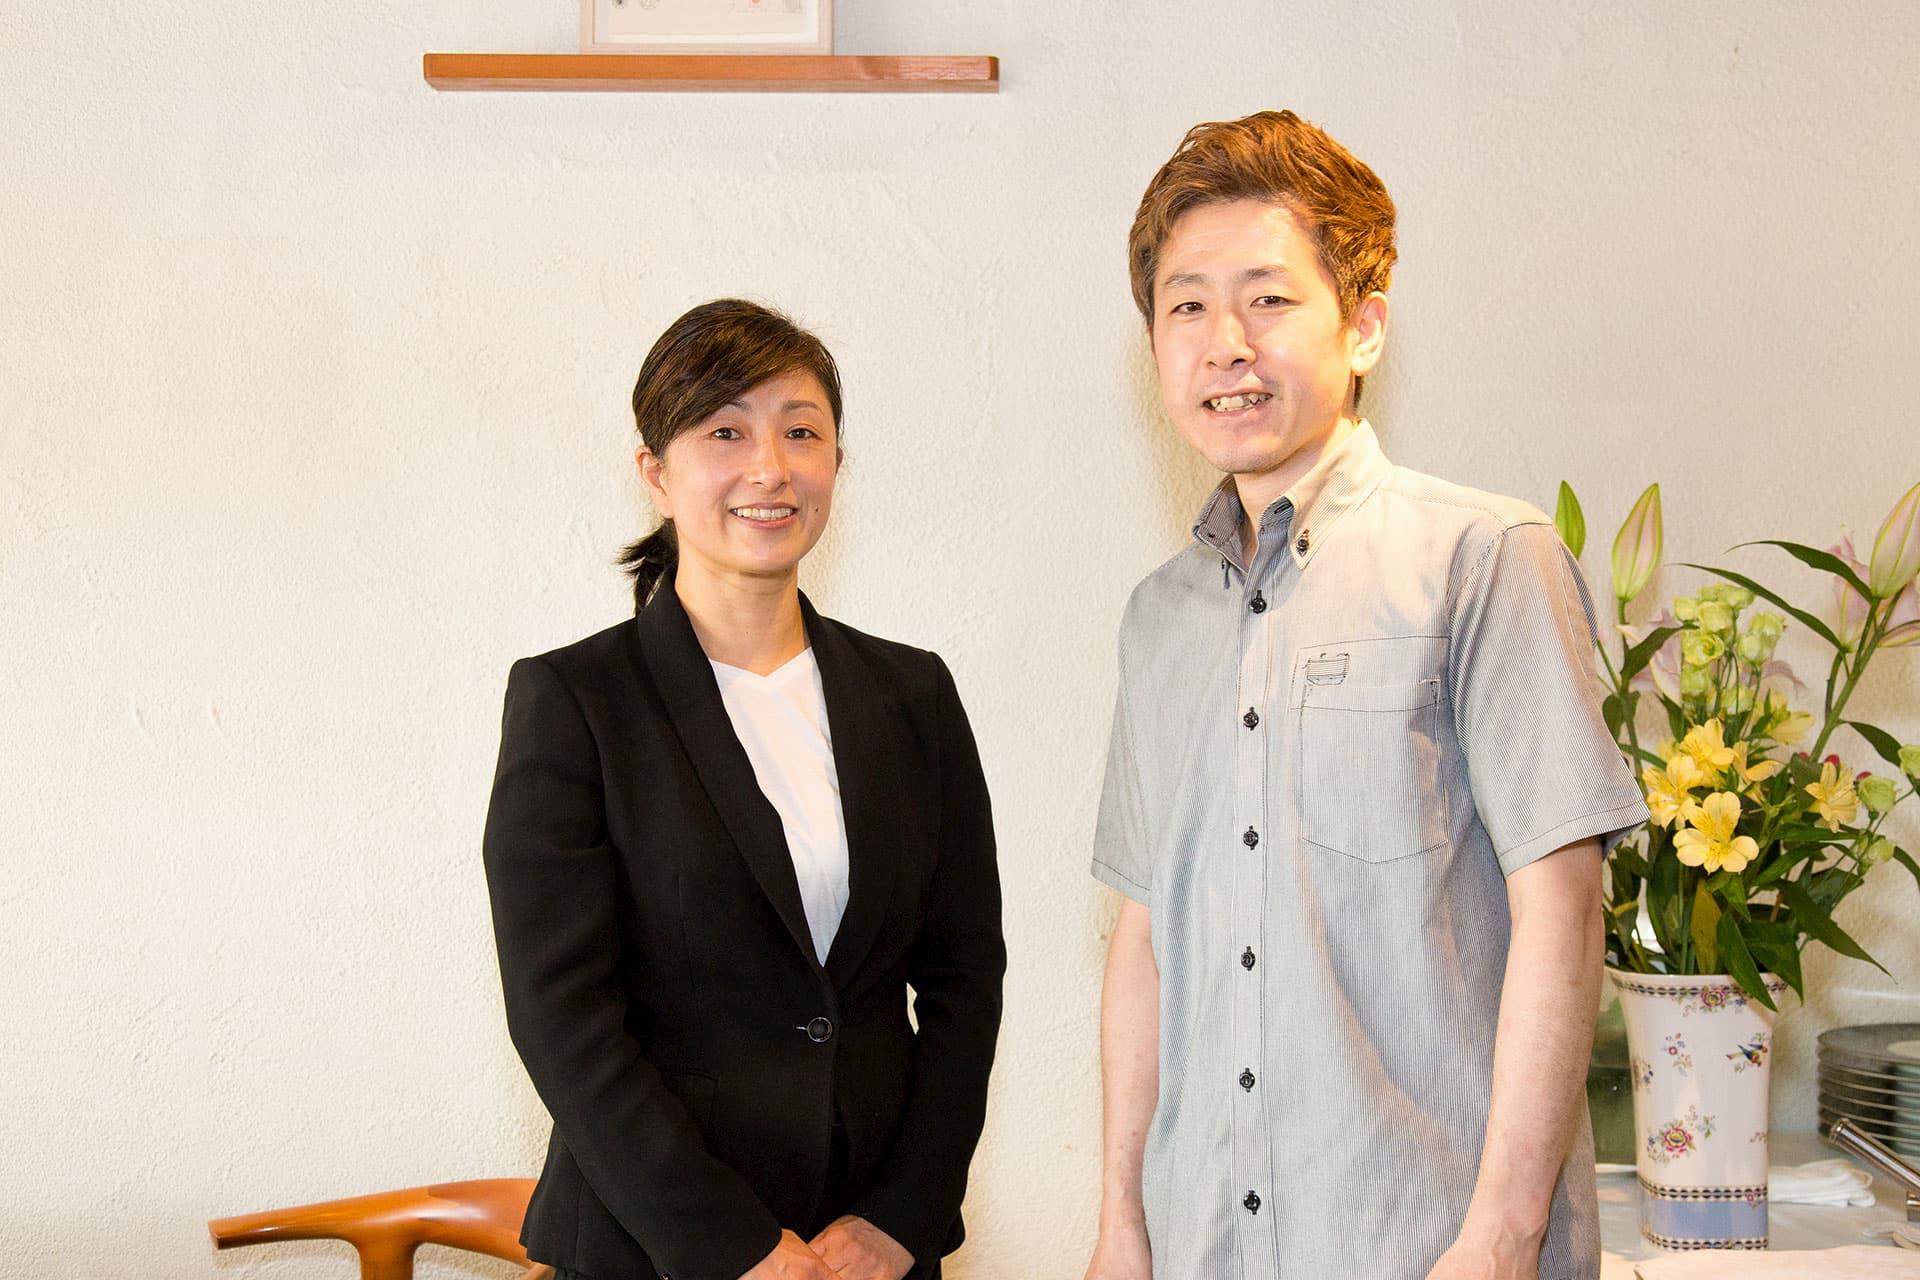 Restaurant27(レストランヴァンセット) オーナーシェフの大澤聡(おおさわ さとし)さん